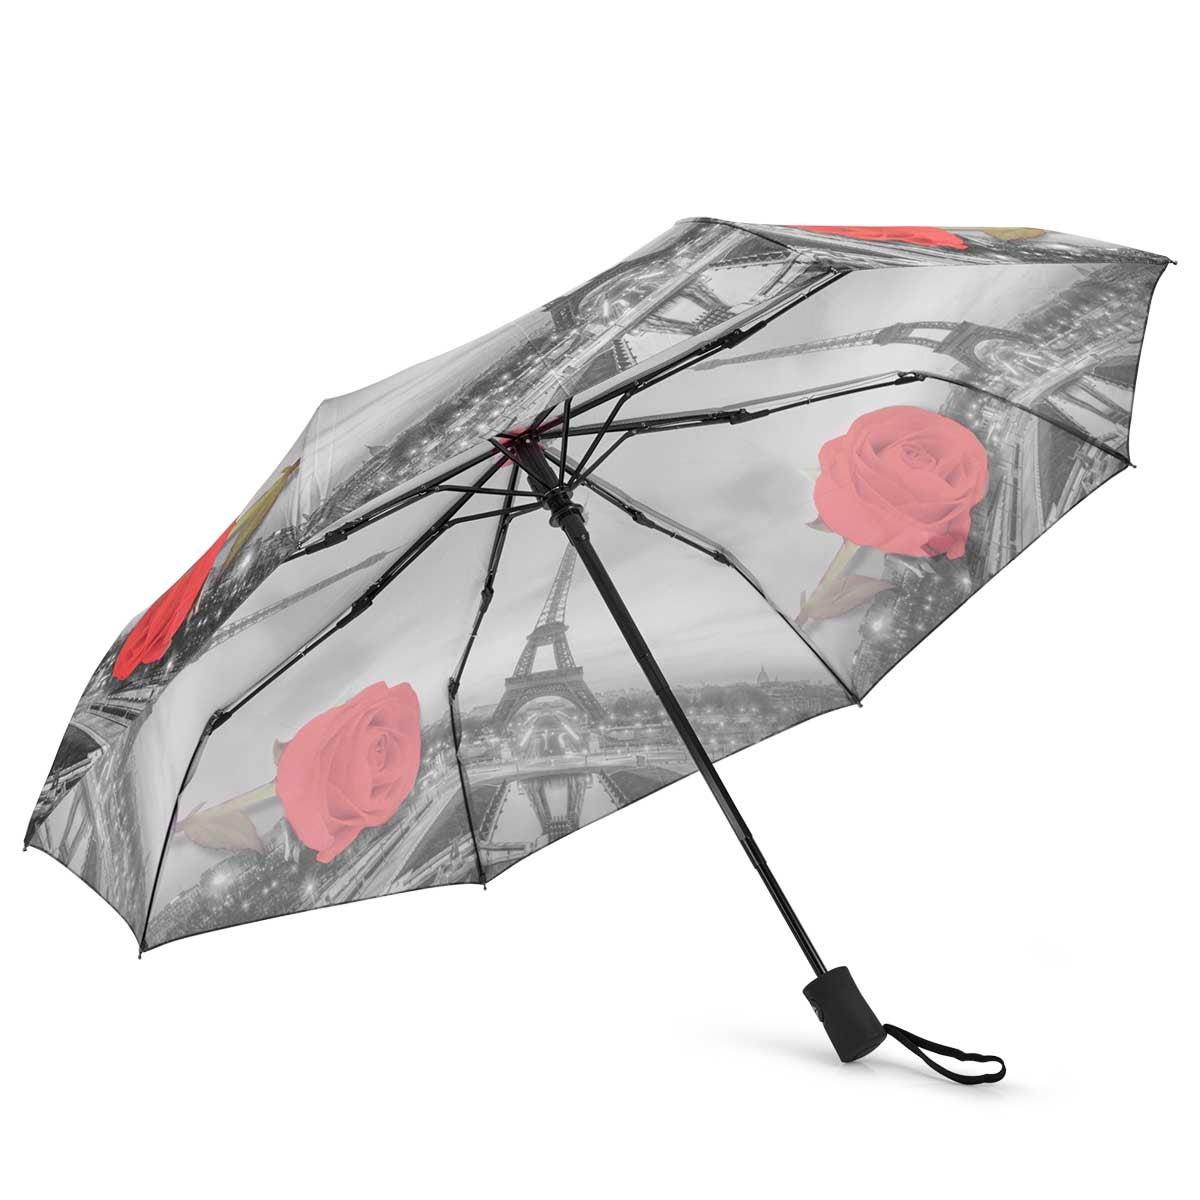 BelAmi City Print Paris umbrellas